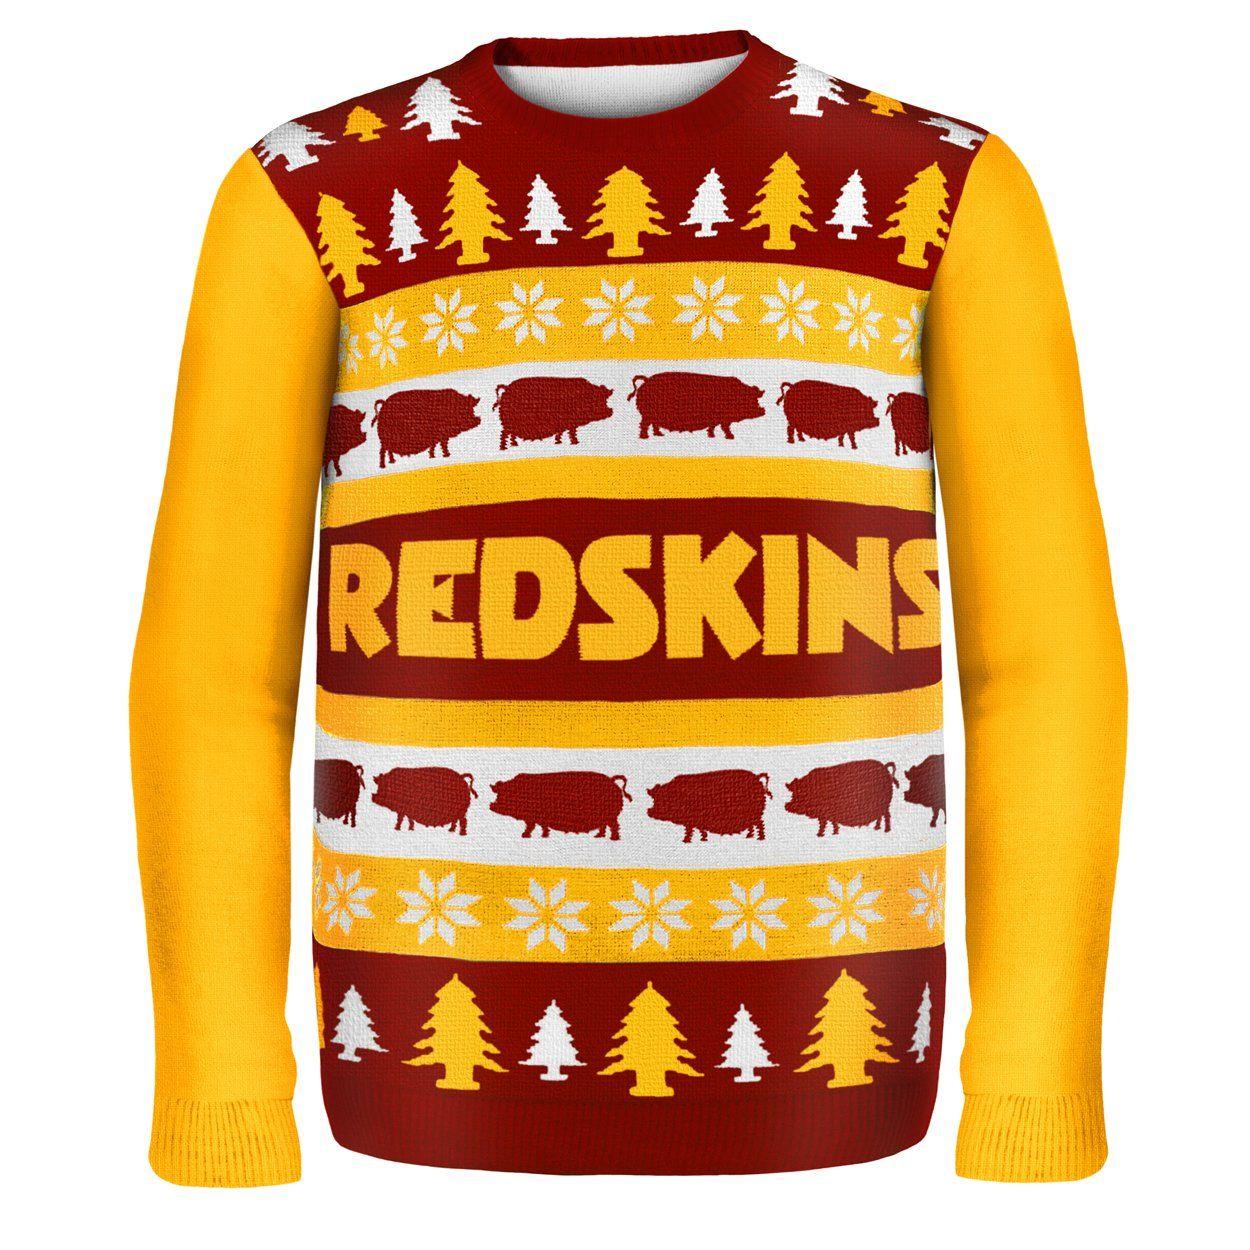 save off cbd12 cd222 Redskins